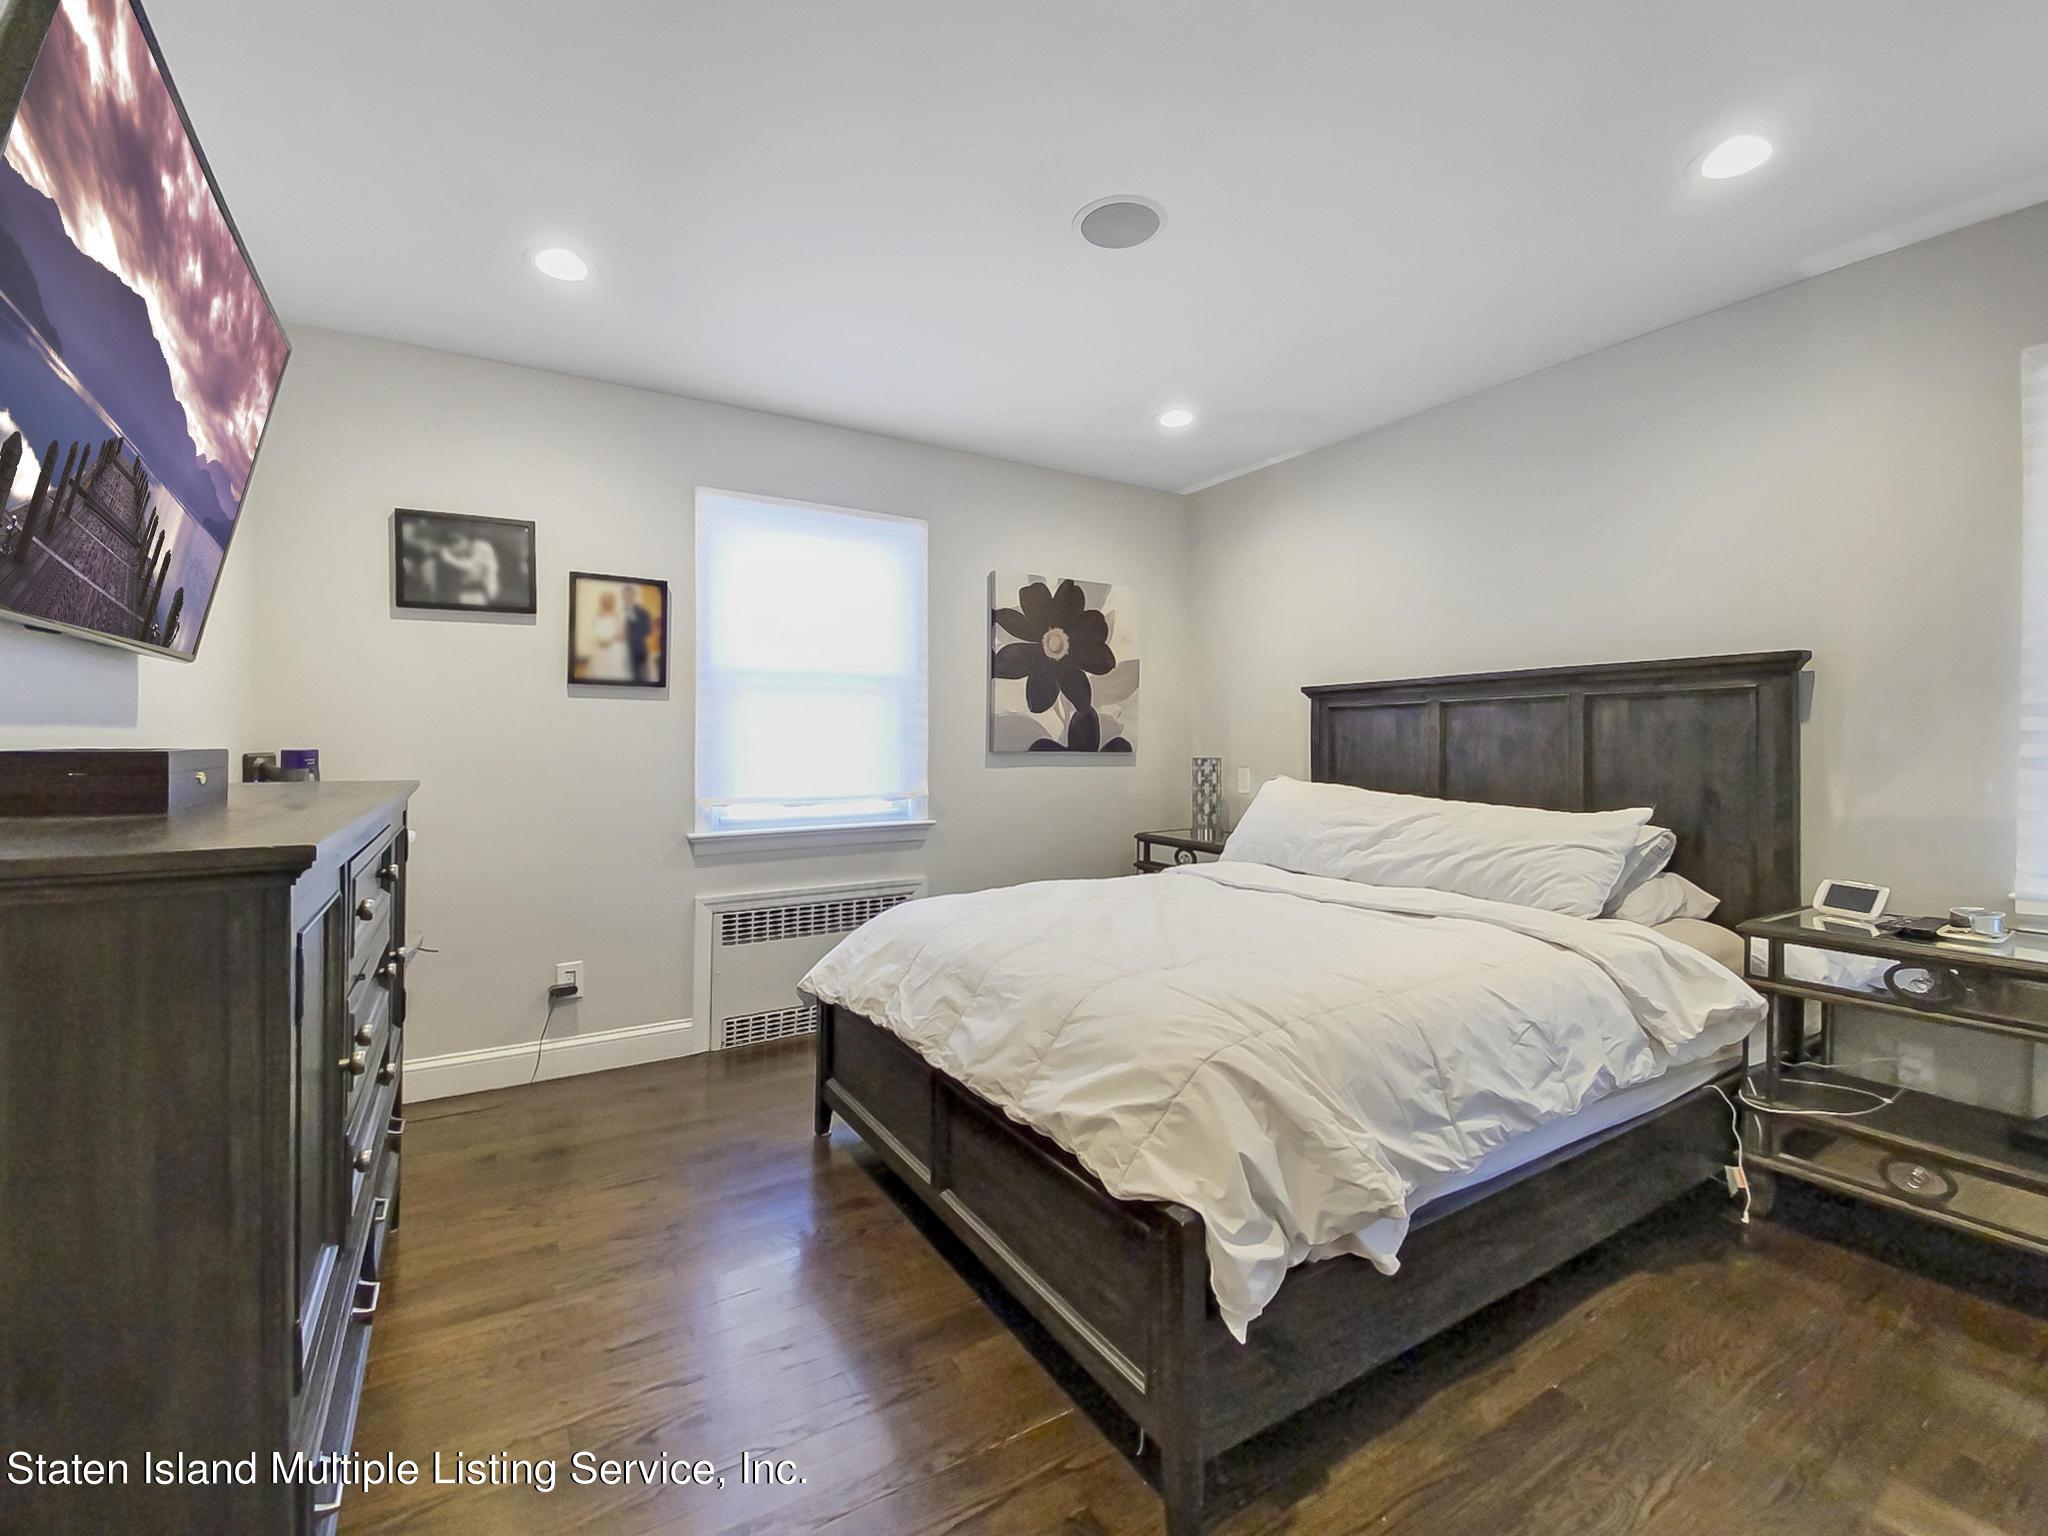 Single Family - Detached 543 Wainwright Avenue  Staten Island, NY 10312, MLS-1143141-15